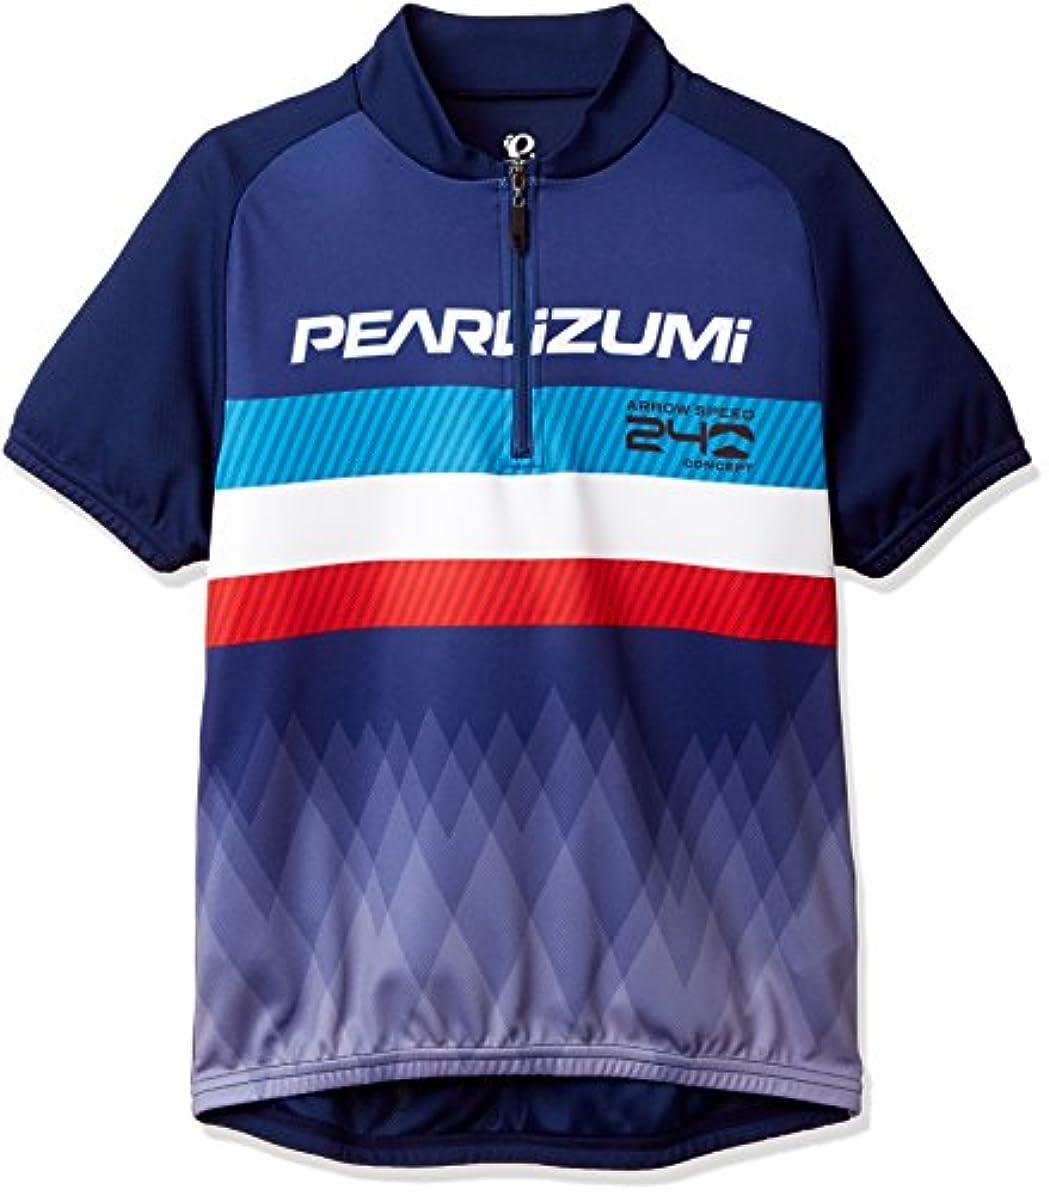 写真フリンジバッジ(パールイズミ) PEARL IZUMI K621B キッズプリントジャージ[ユニセックス]